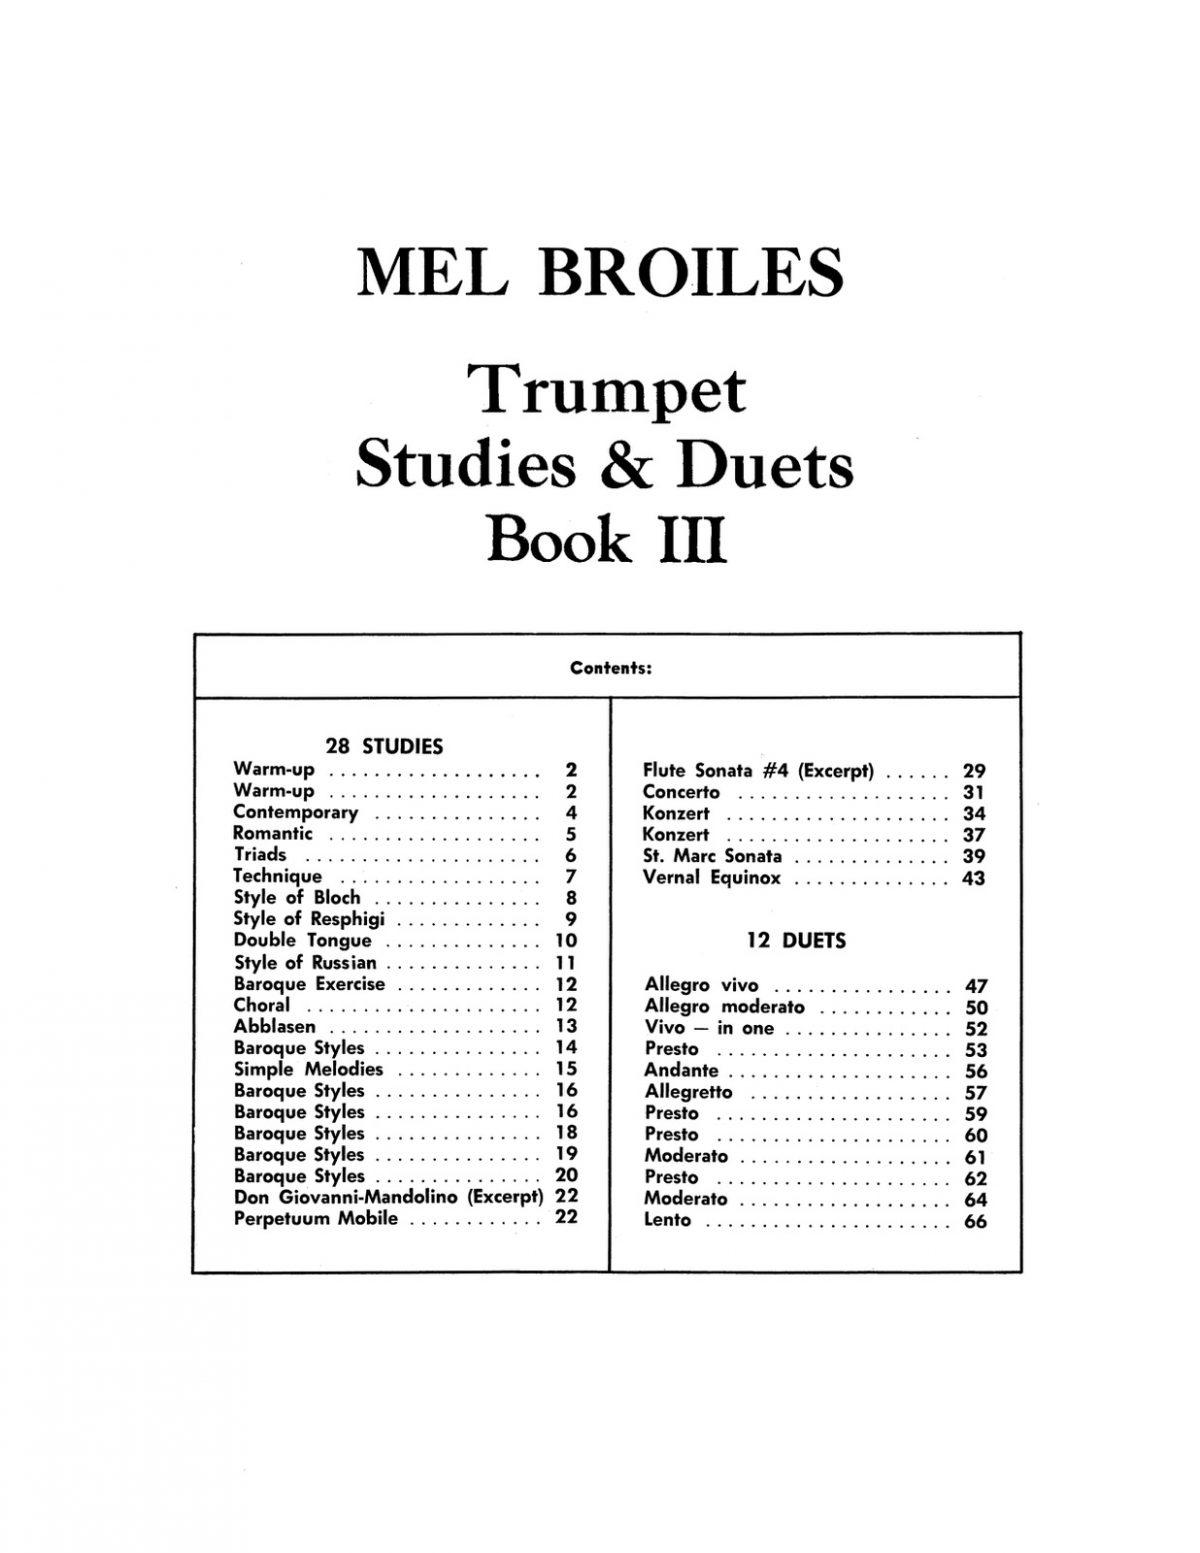 Broiles' Trumpet Studies & Duets Book 3 by Broiles, Mel